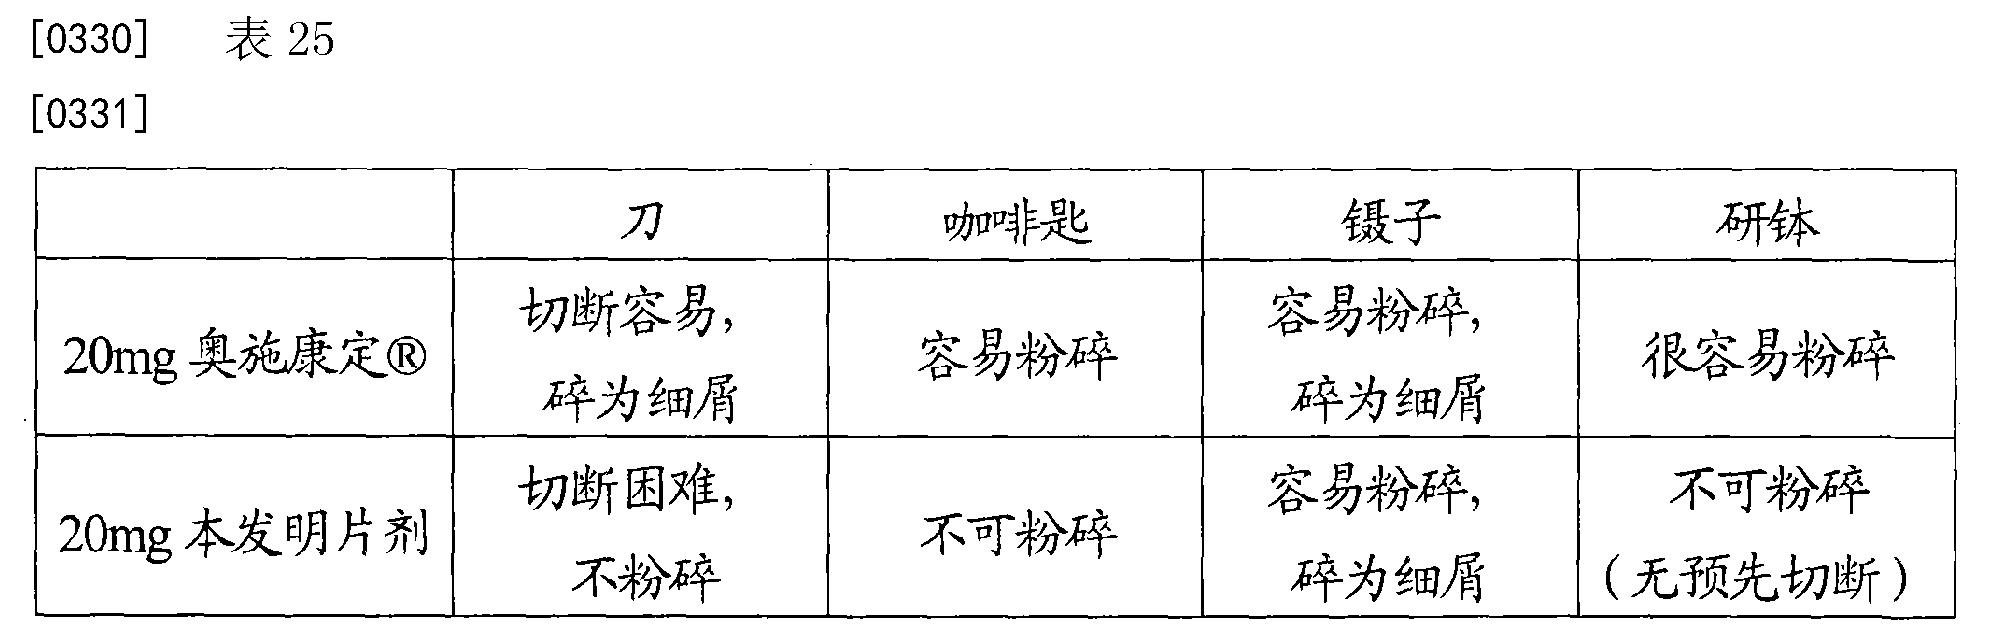 Figure CN101394840BD00262